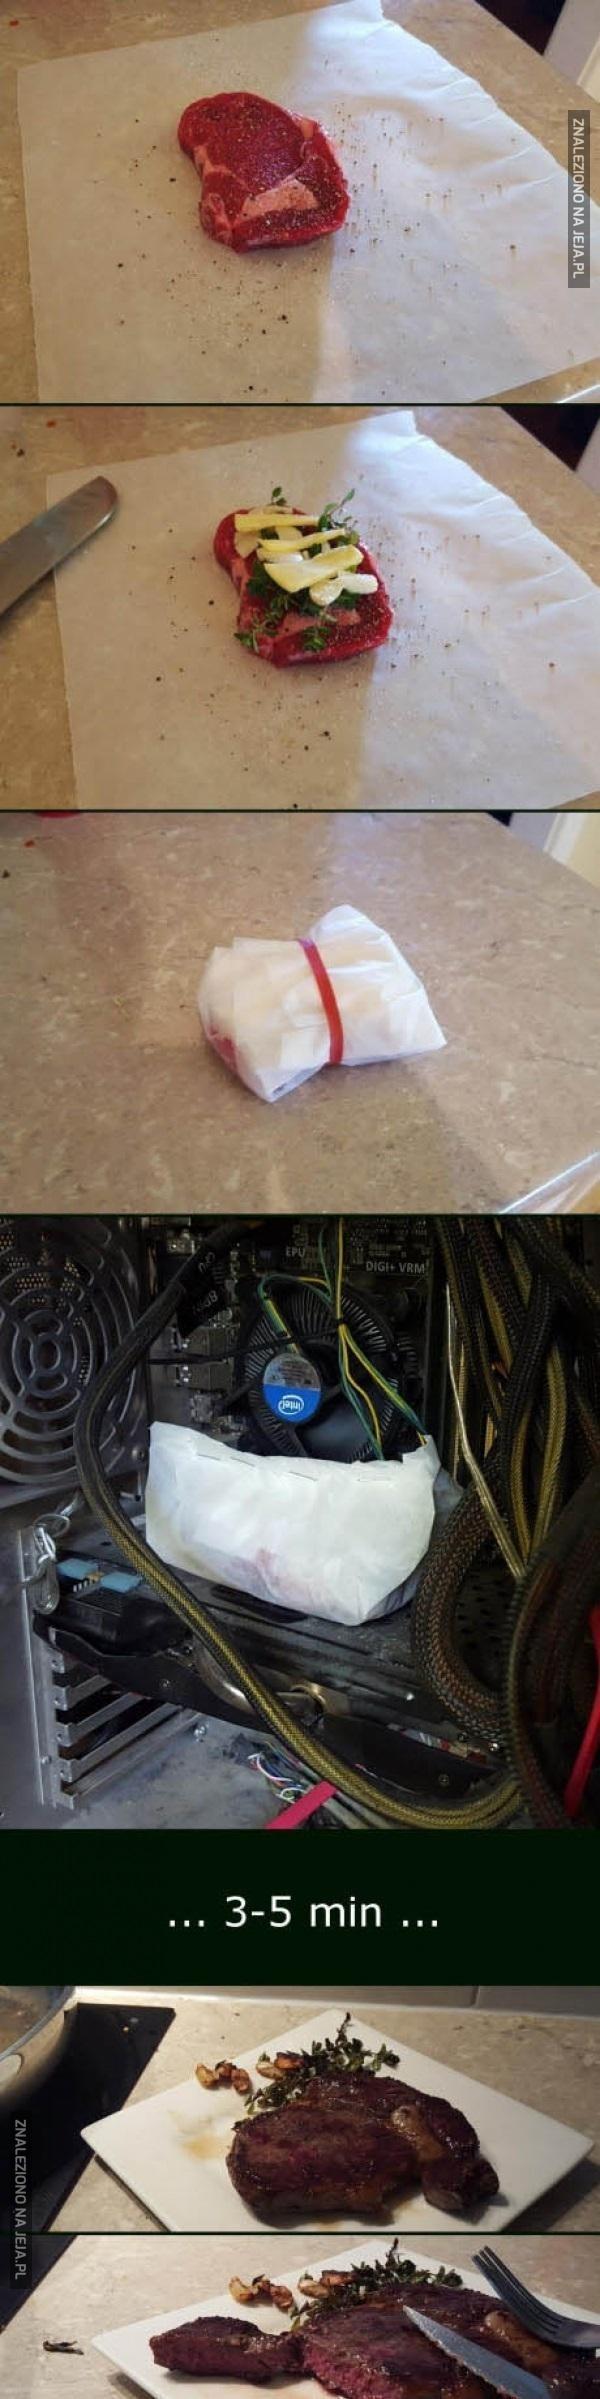 Stek a'la Intel